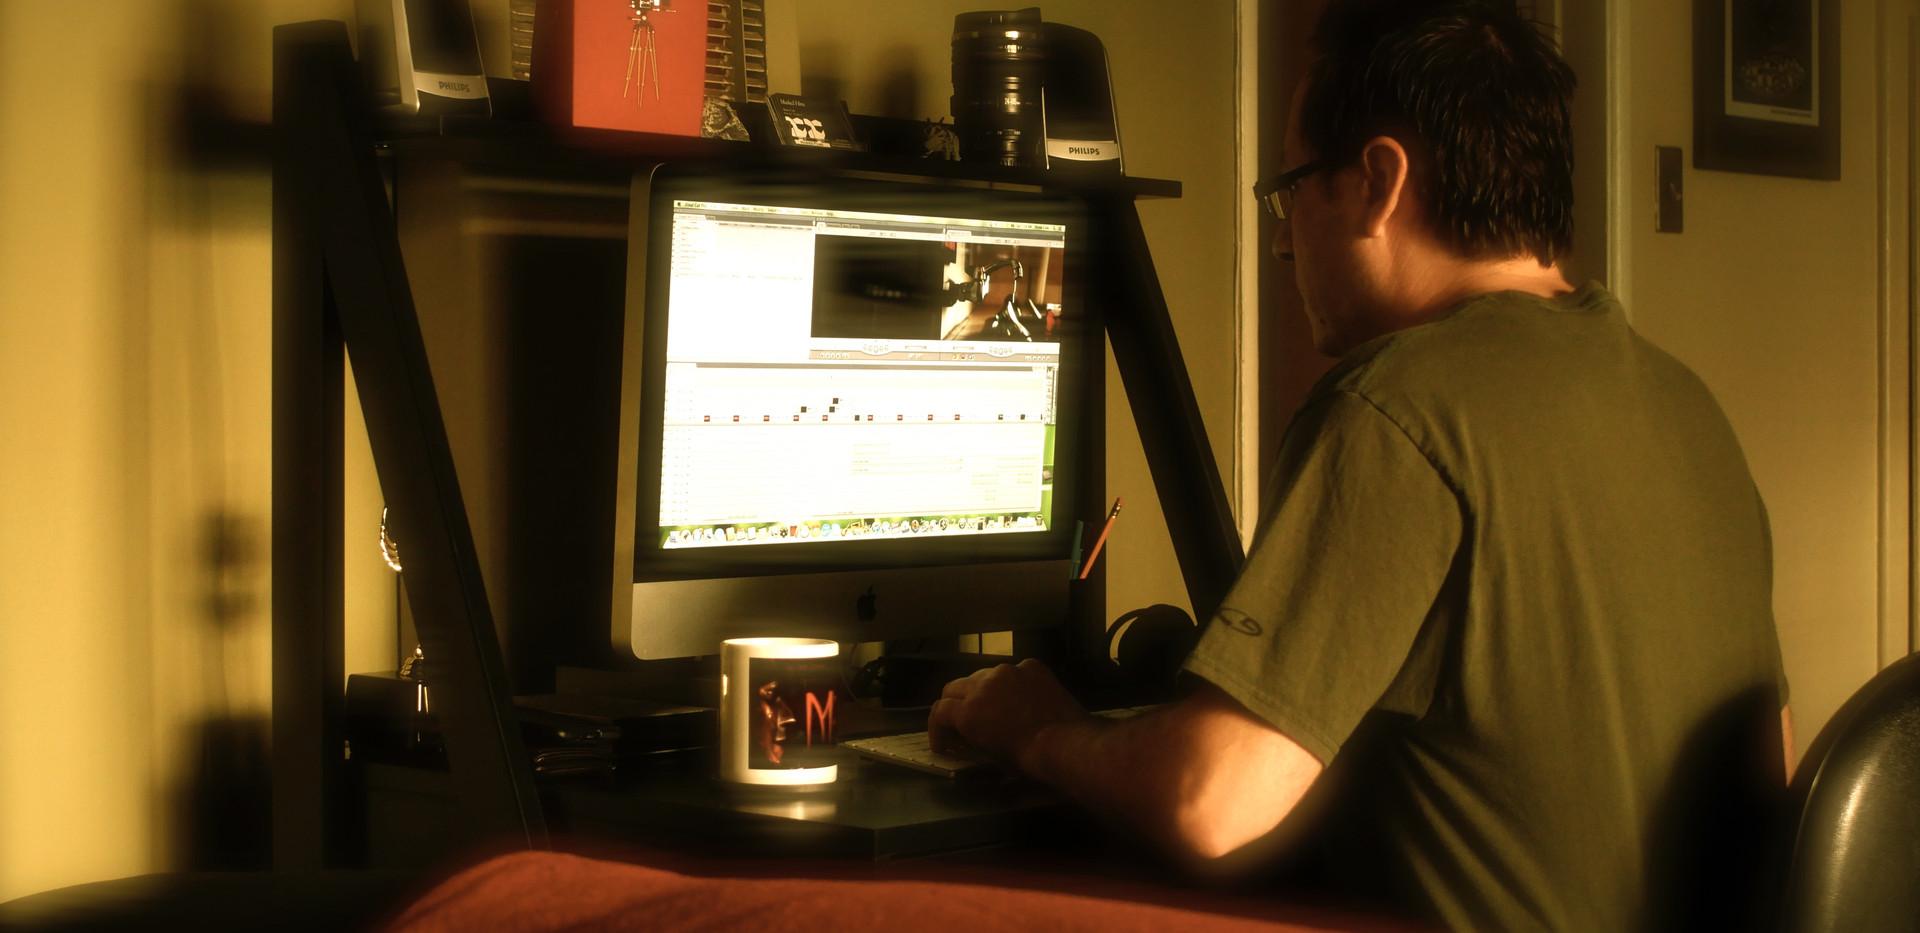 Editing Struggle Short Film